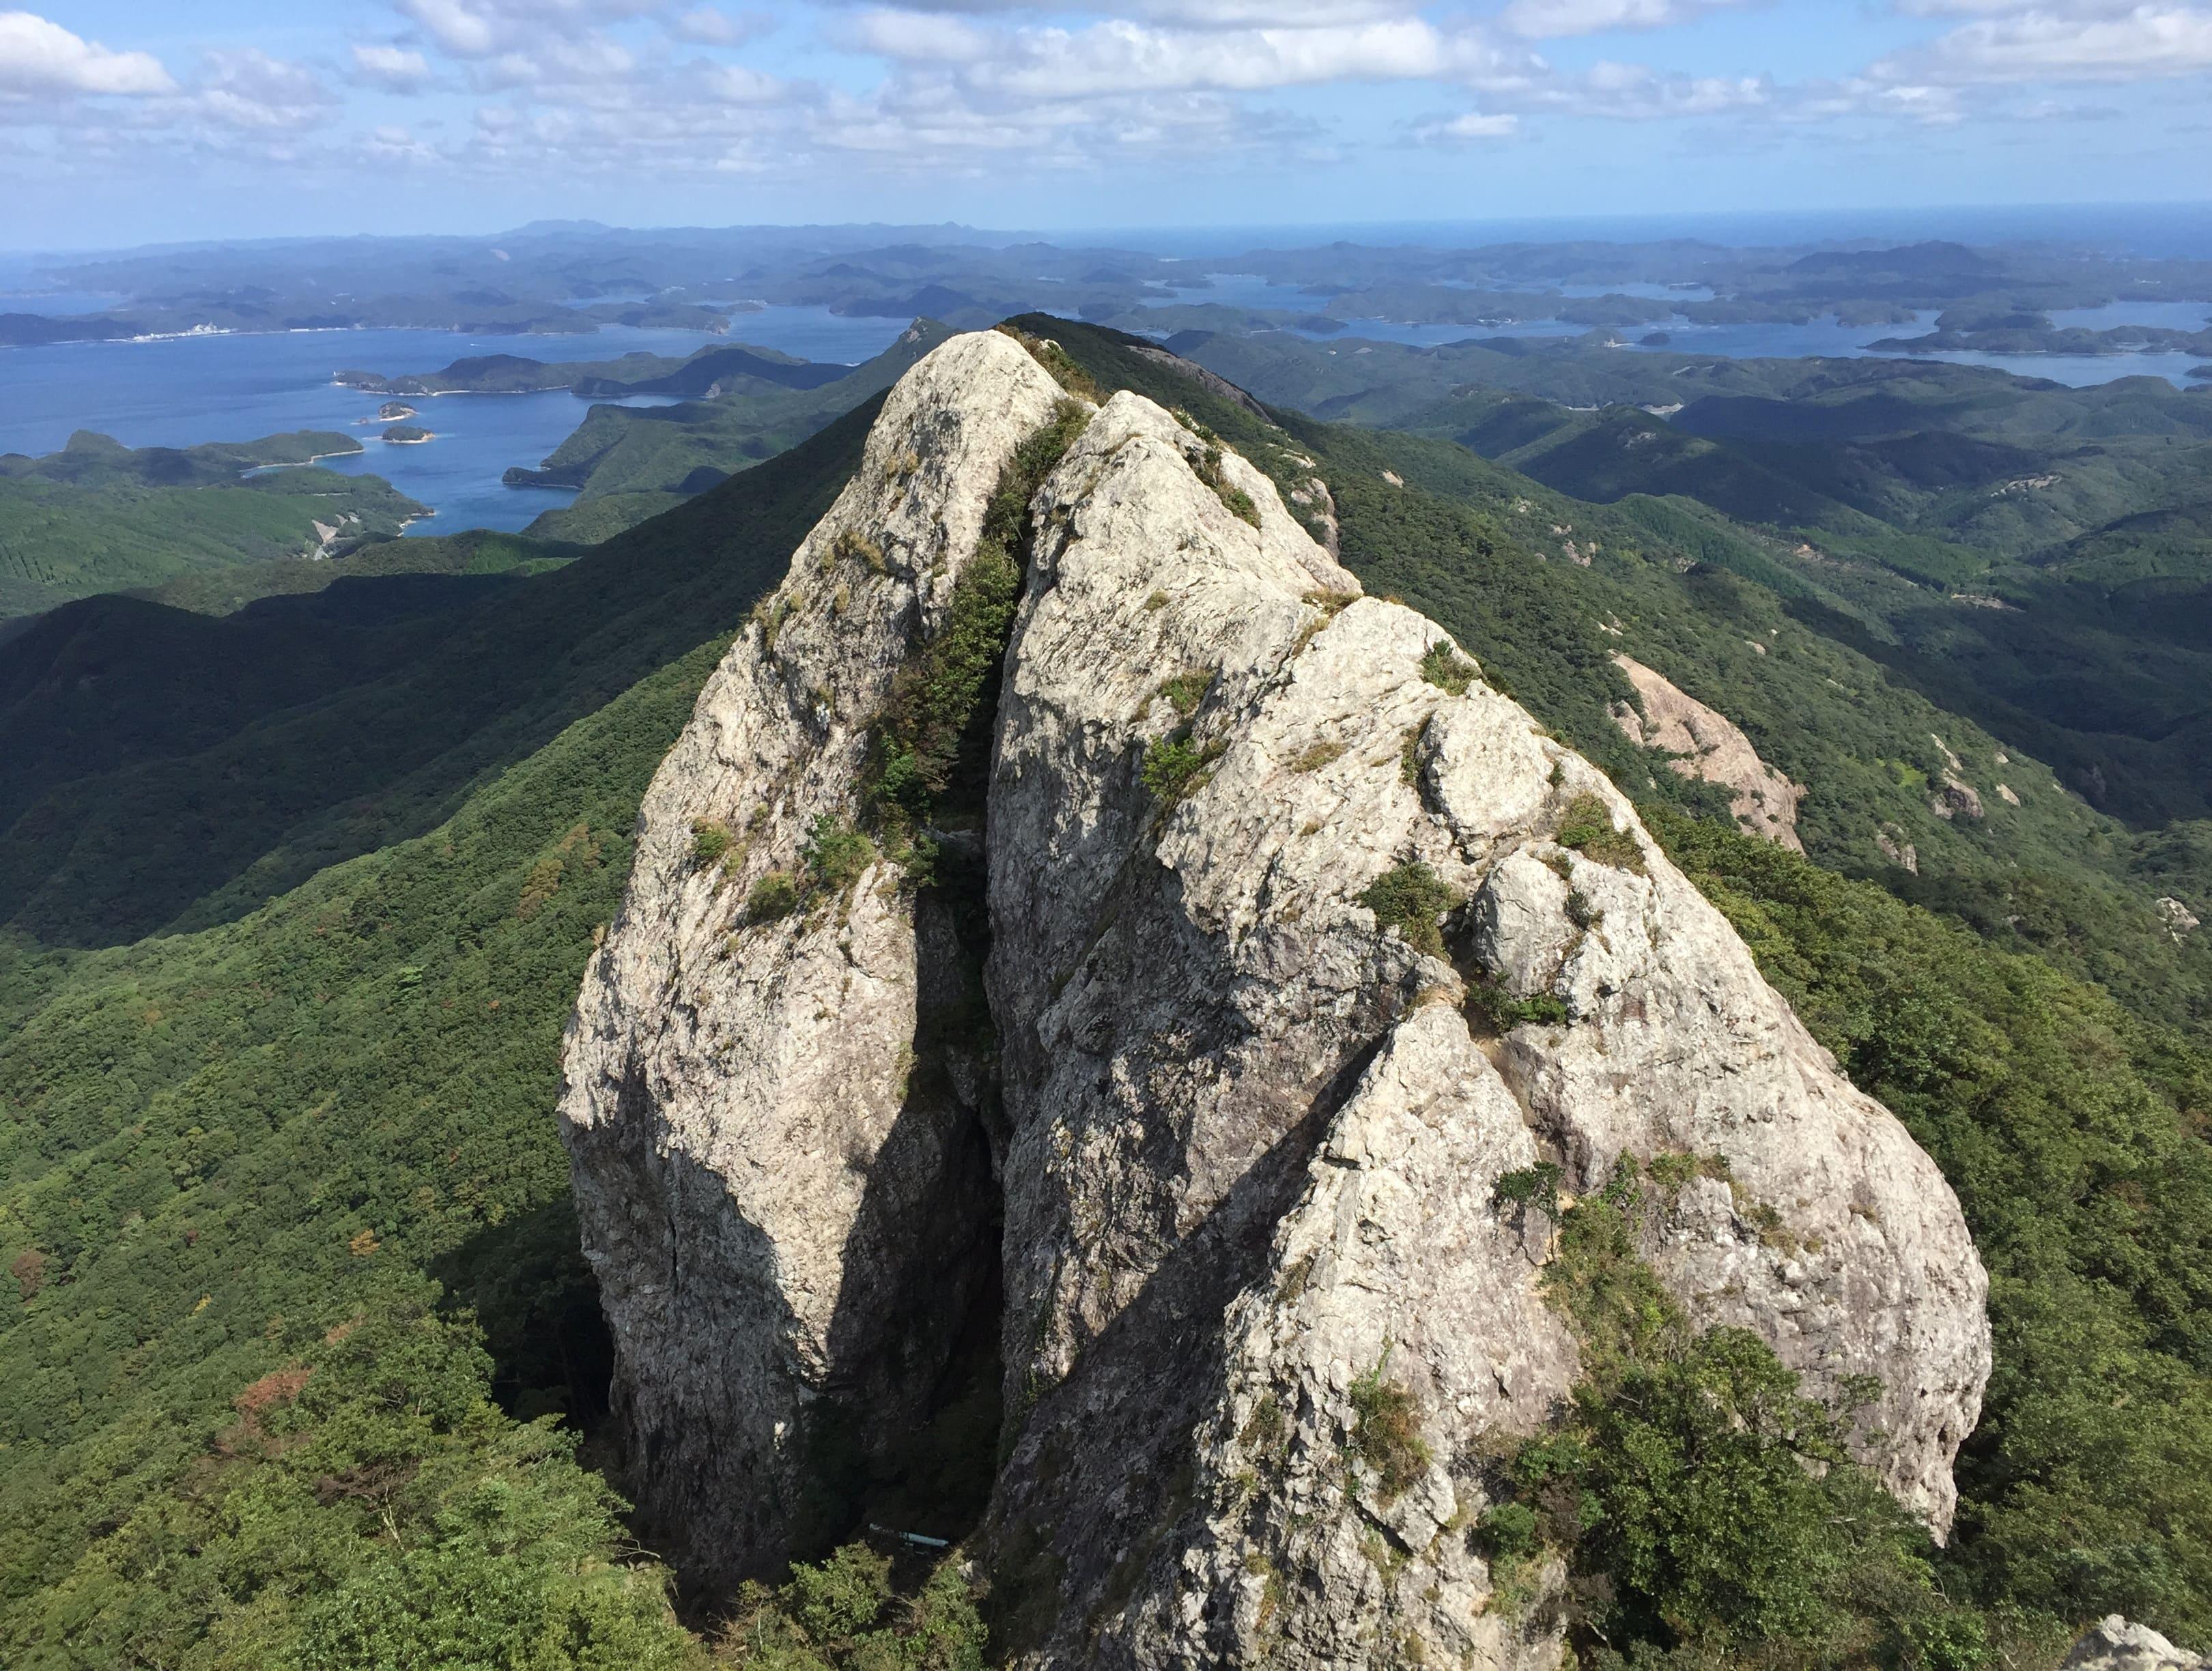 対馬の山旅 霊峰・白嶽トレッキング、城山、清水山城址と壱岐の名所巡り 4日間